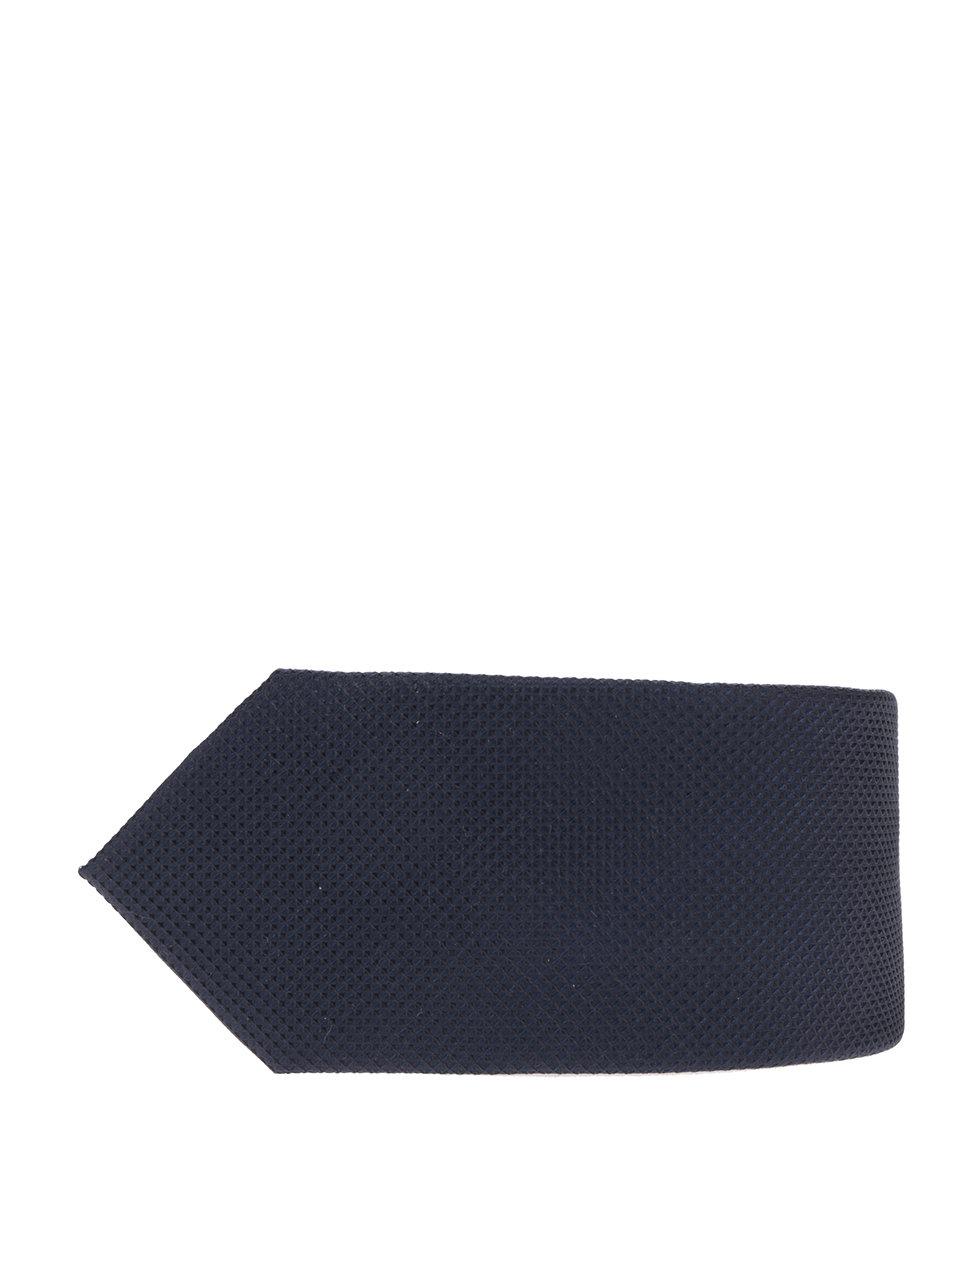 Tmavě modrá hedvábná kravata s jemným vzorem Jack & Jones Premium Colombia